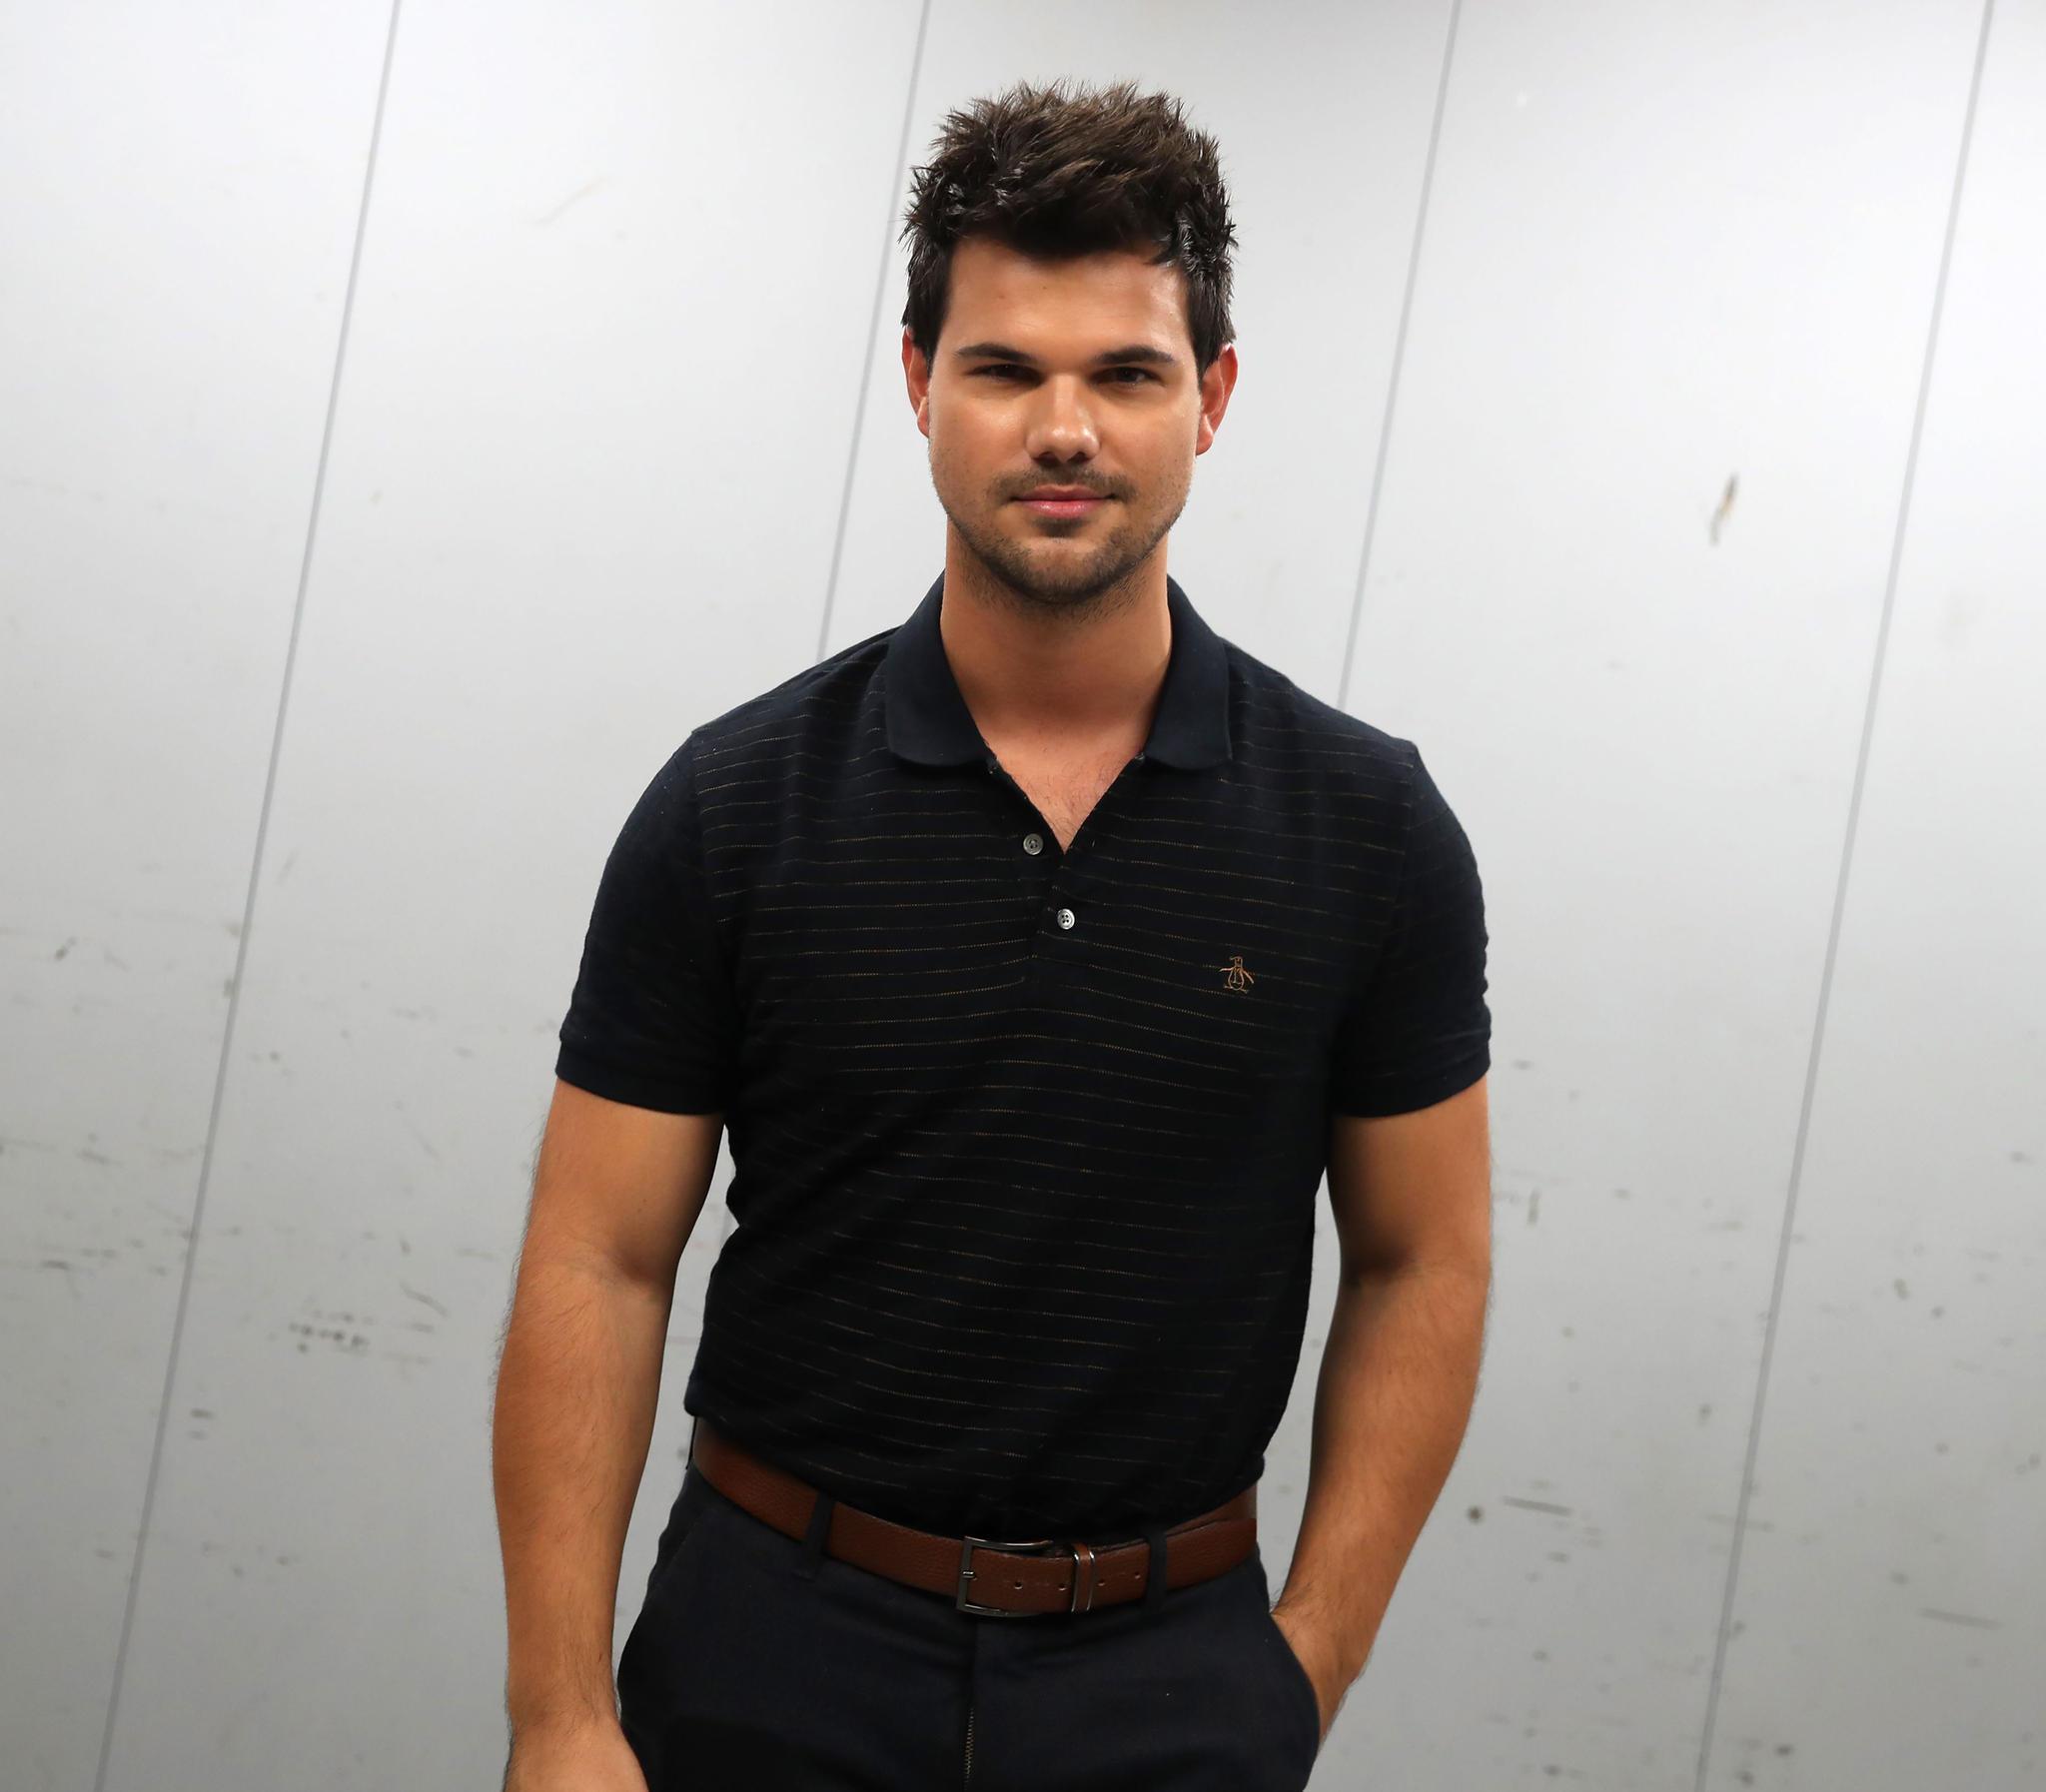 Taylor Lautner ist wieder glücklich vergeben. Seine neue Freundin heißt Taylor Dome und ist Studentin